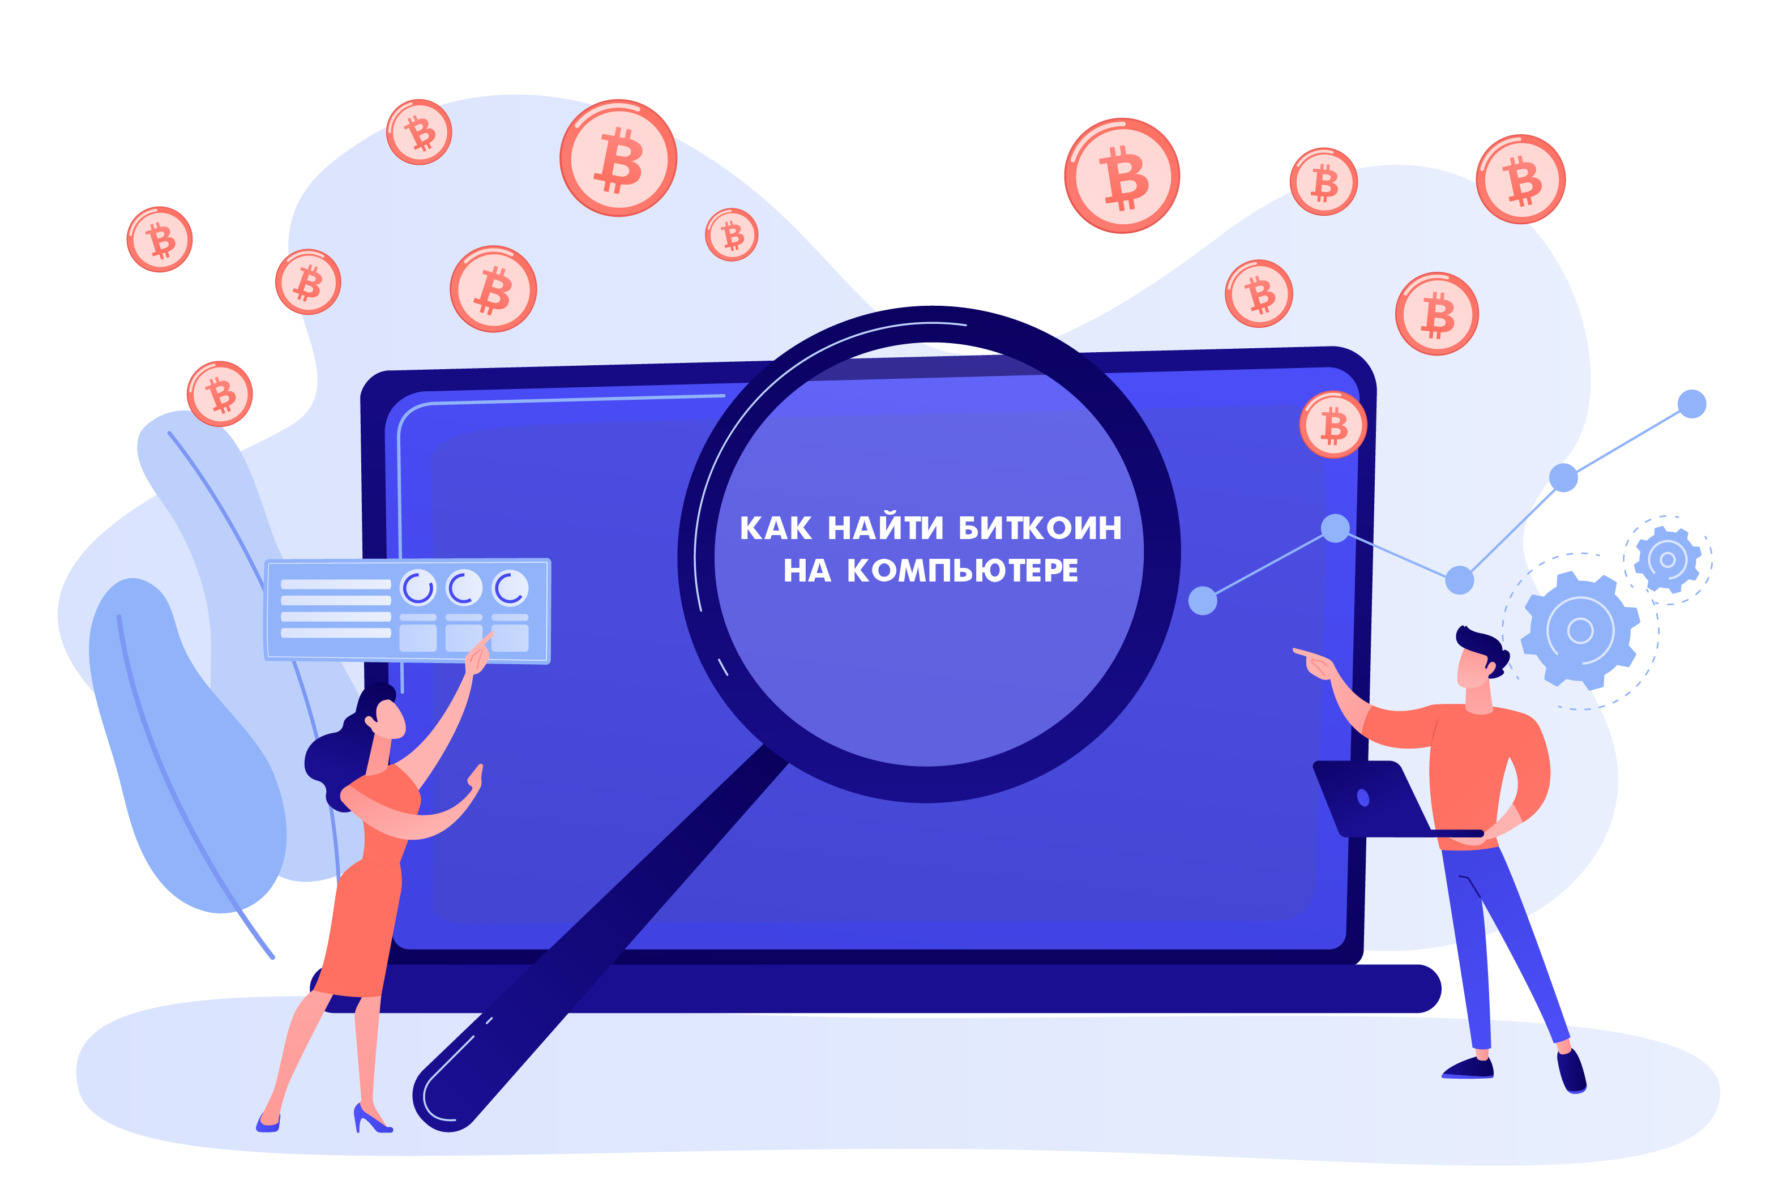 Как узнать есть ли биткоин на компьютере